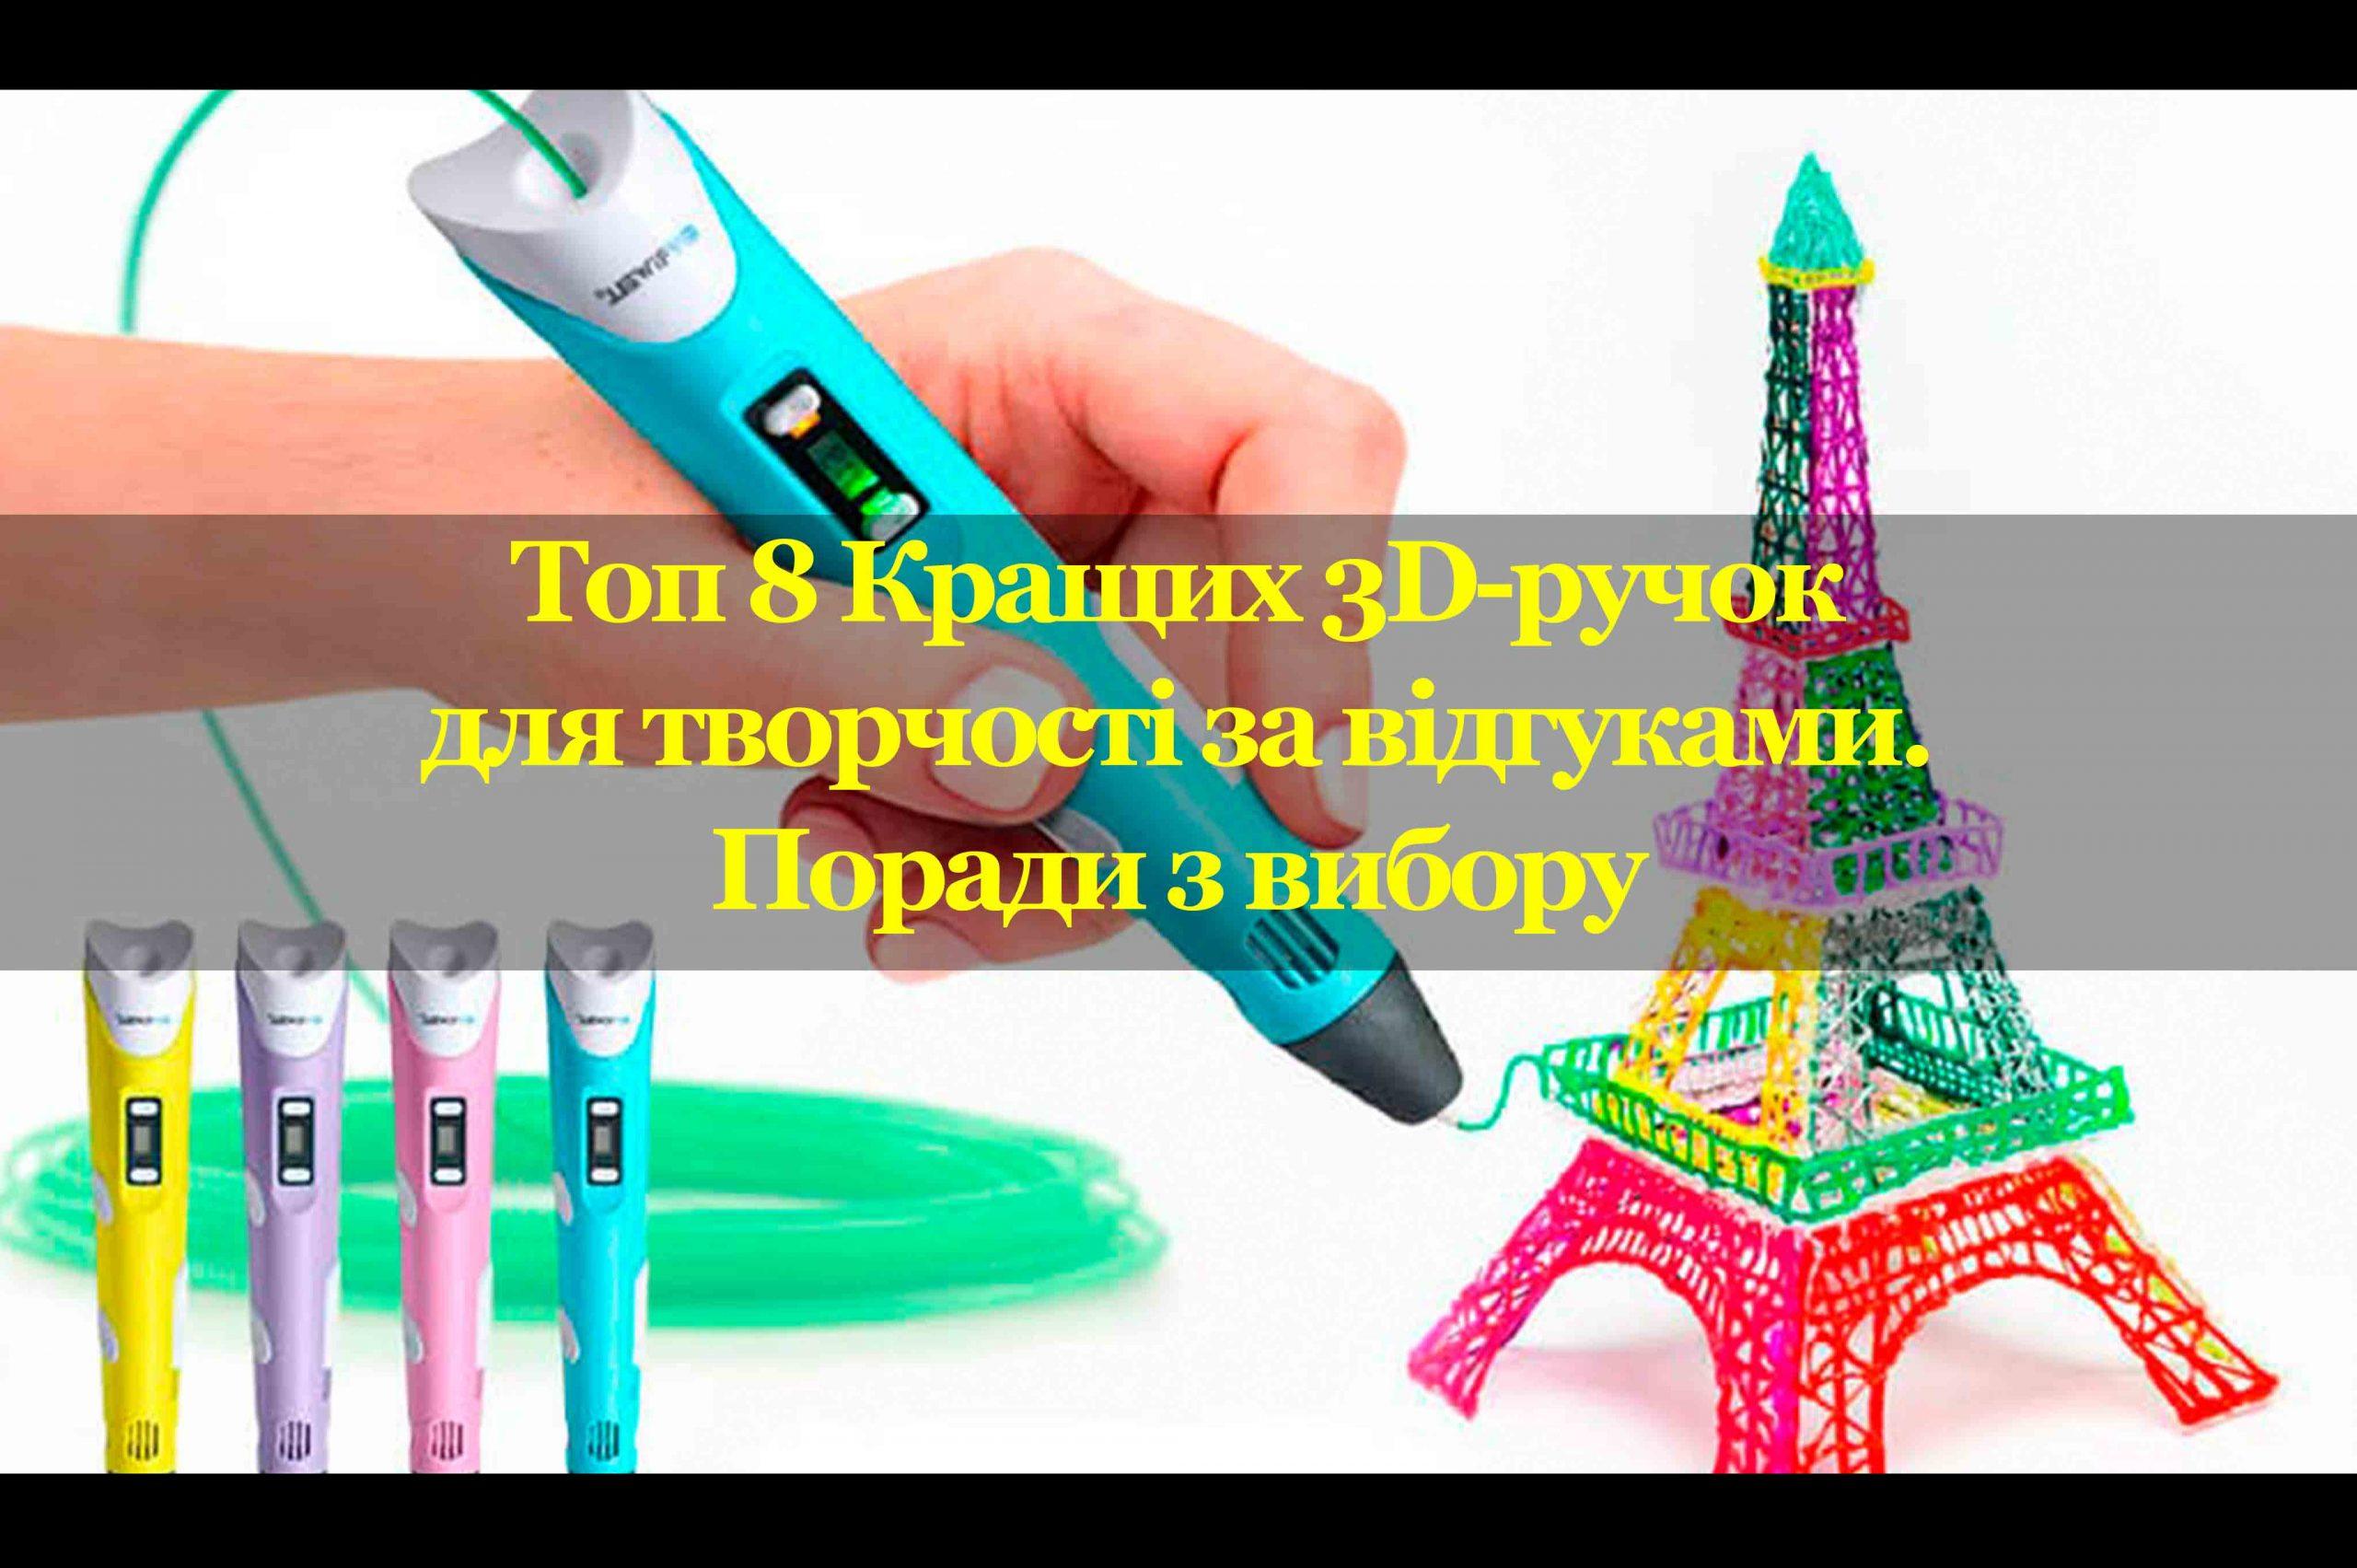 8 Кращих 3D-ручок для творчості. Як обрати?!